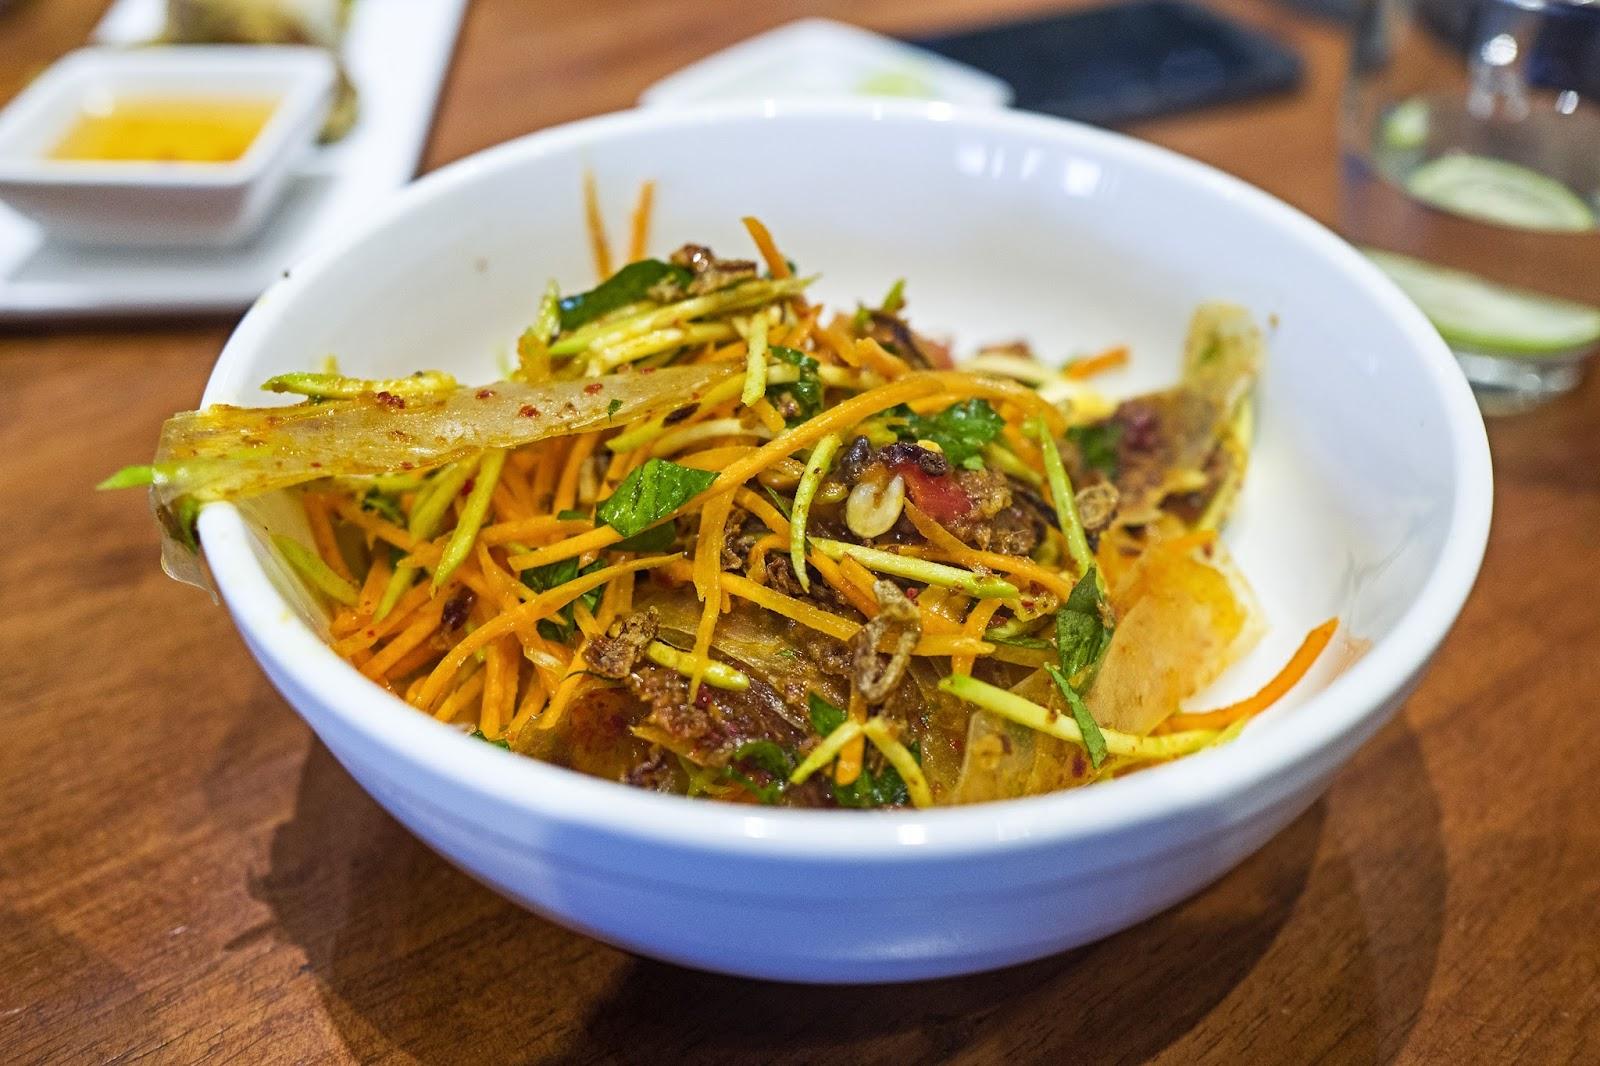 f-salad-L1060507.jpg